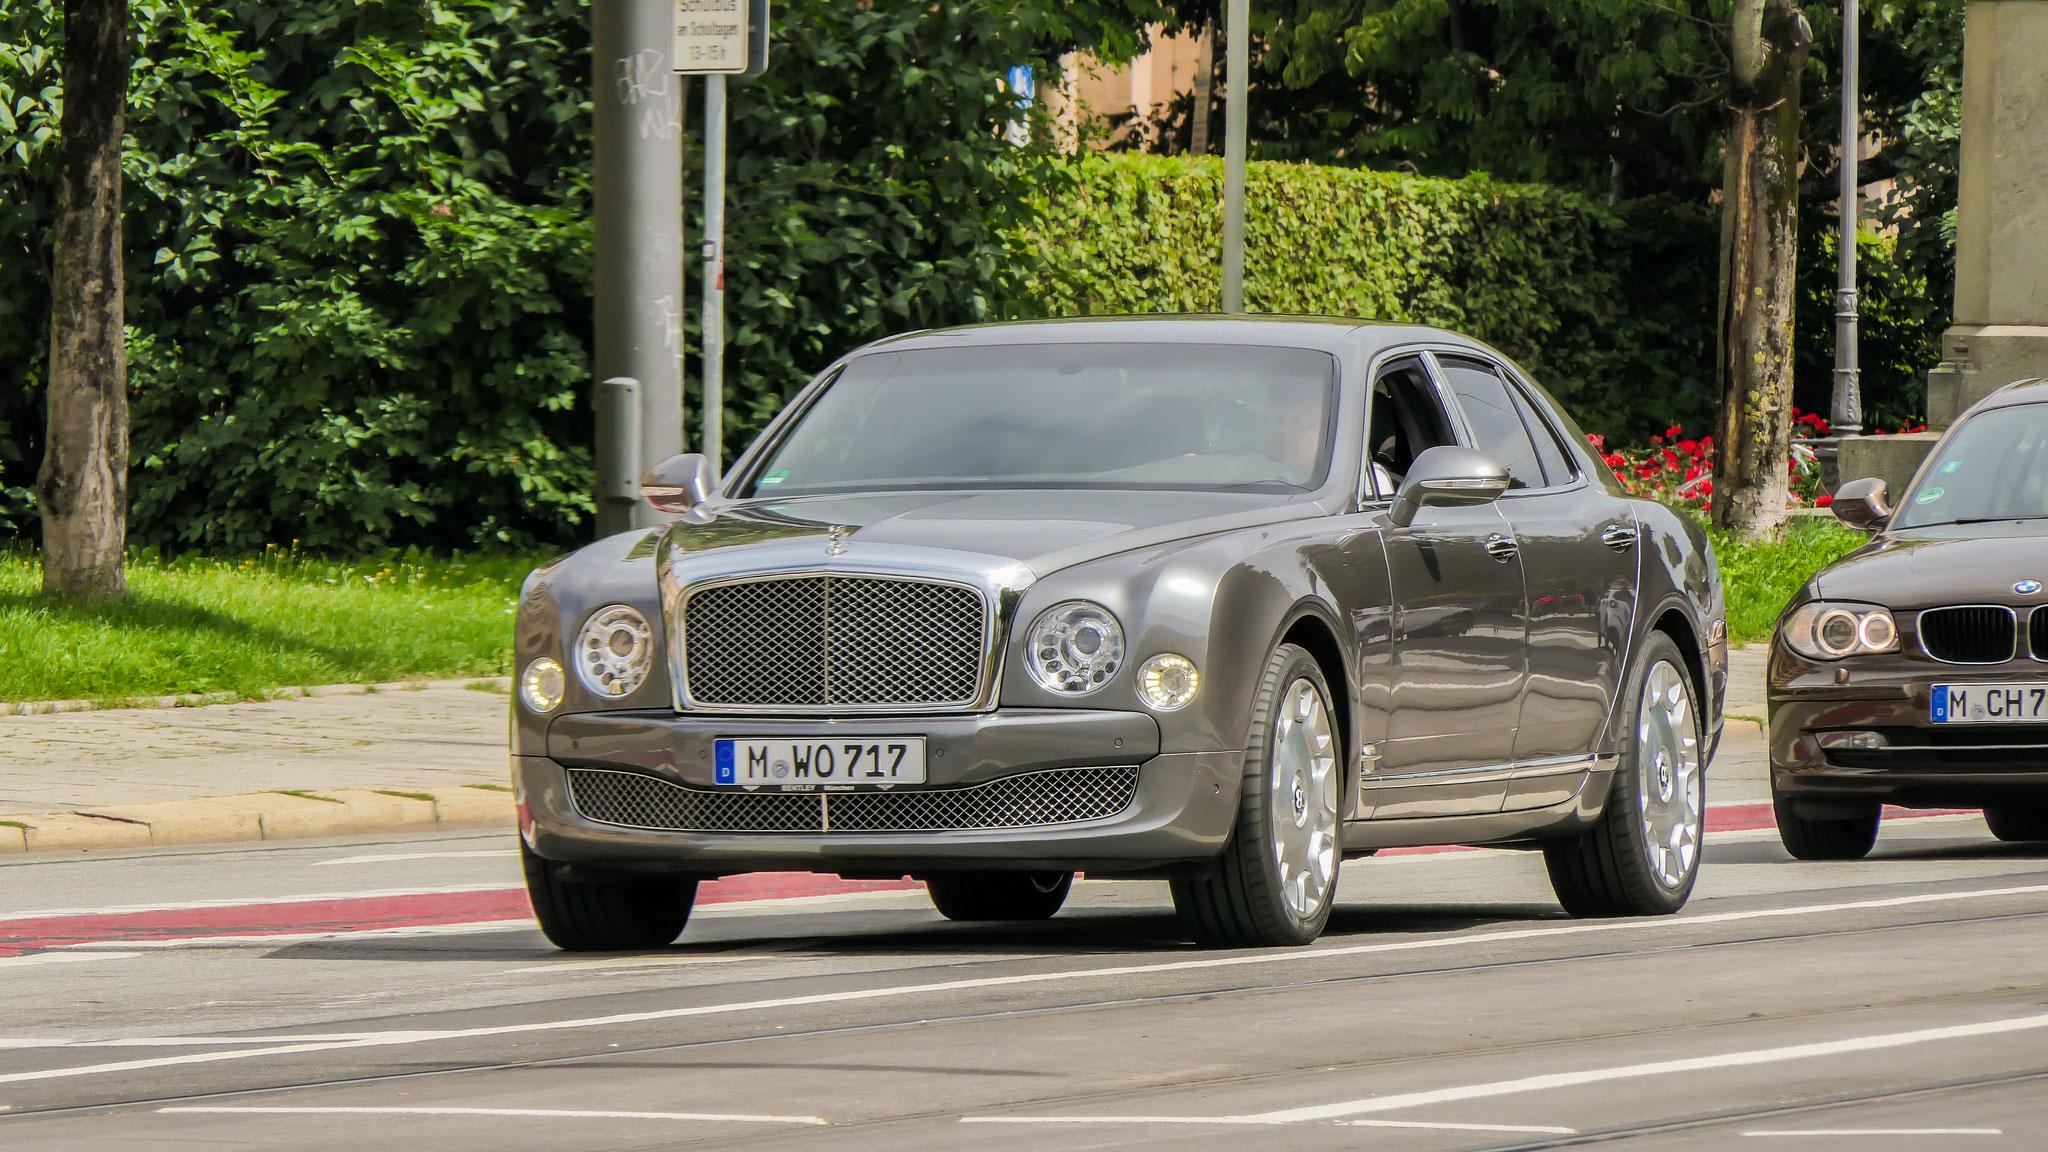 Bentley Mulsanne - M-WO-717